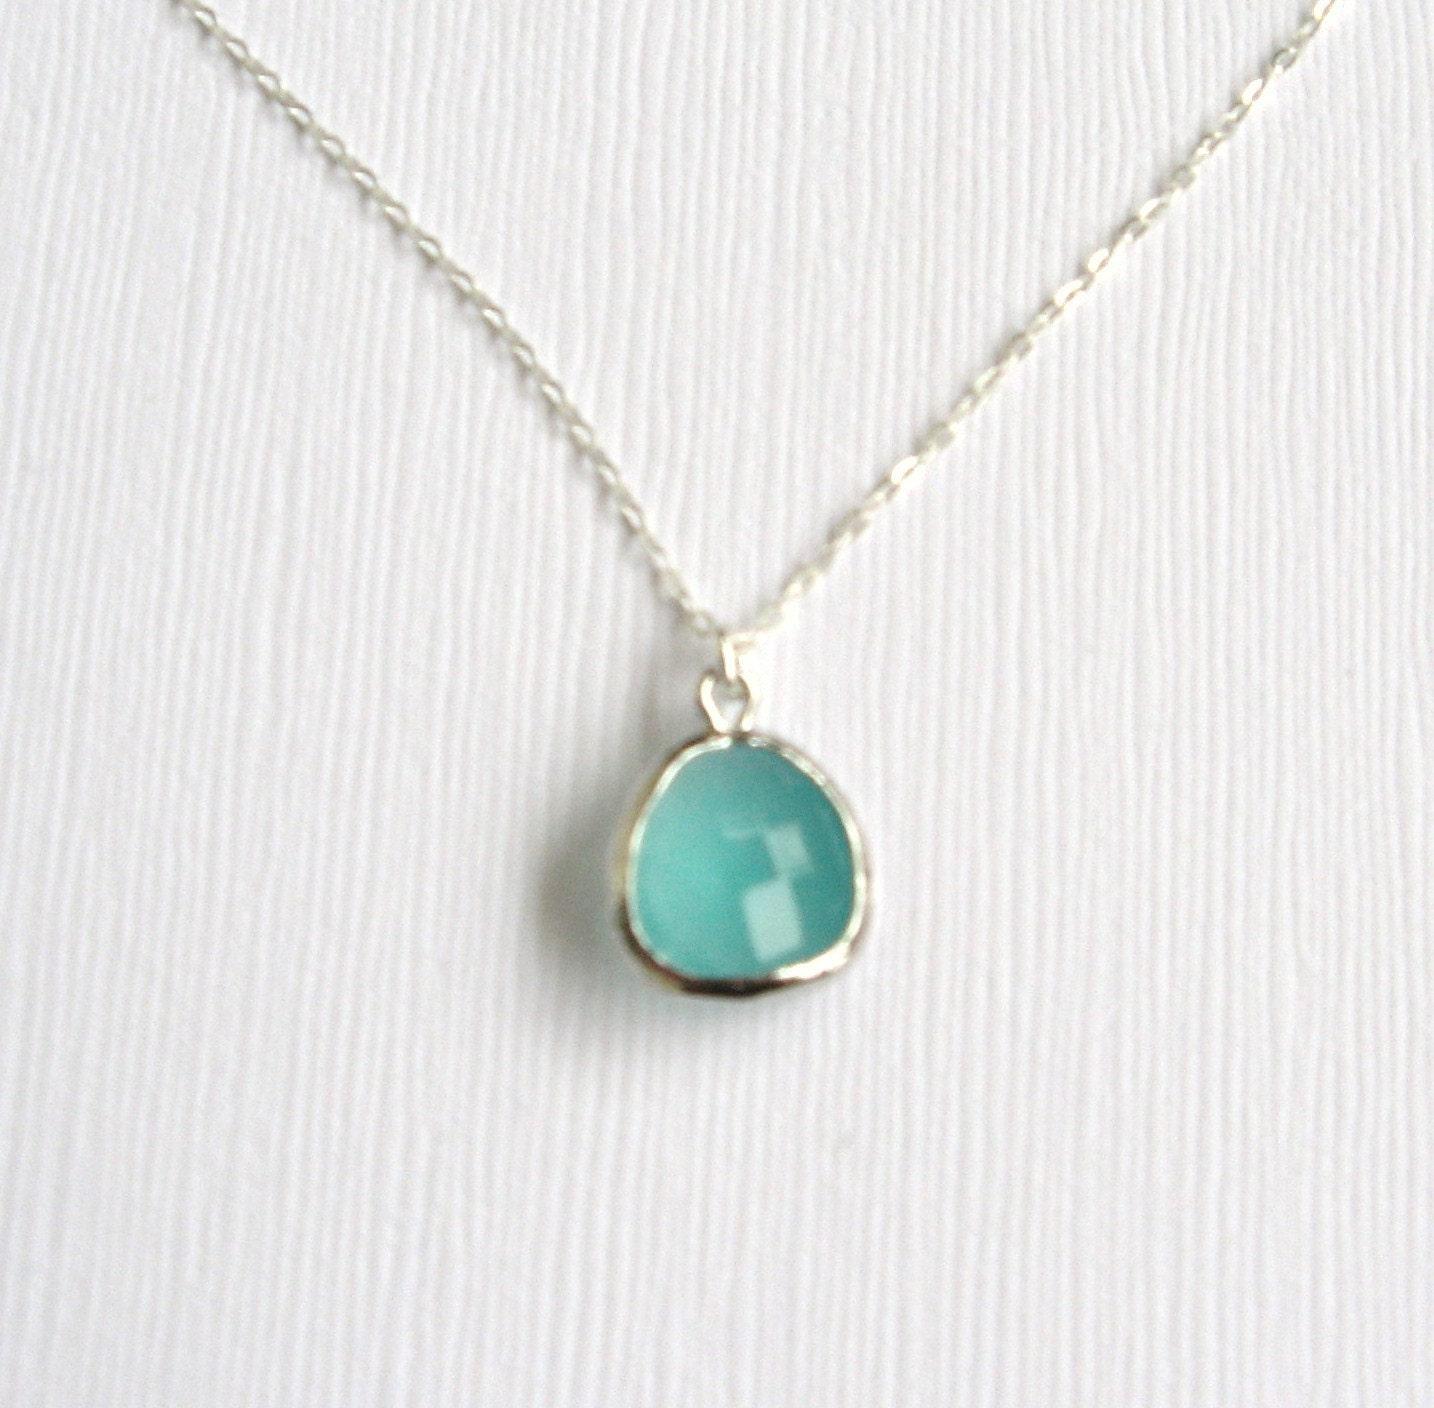 Mint julep silver delicate modern jewelry by LemonSweetJewelry